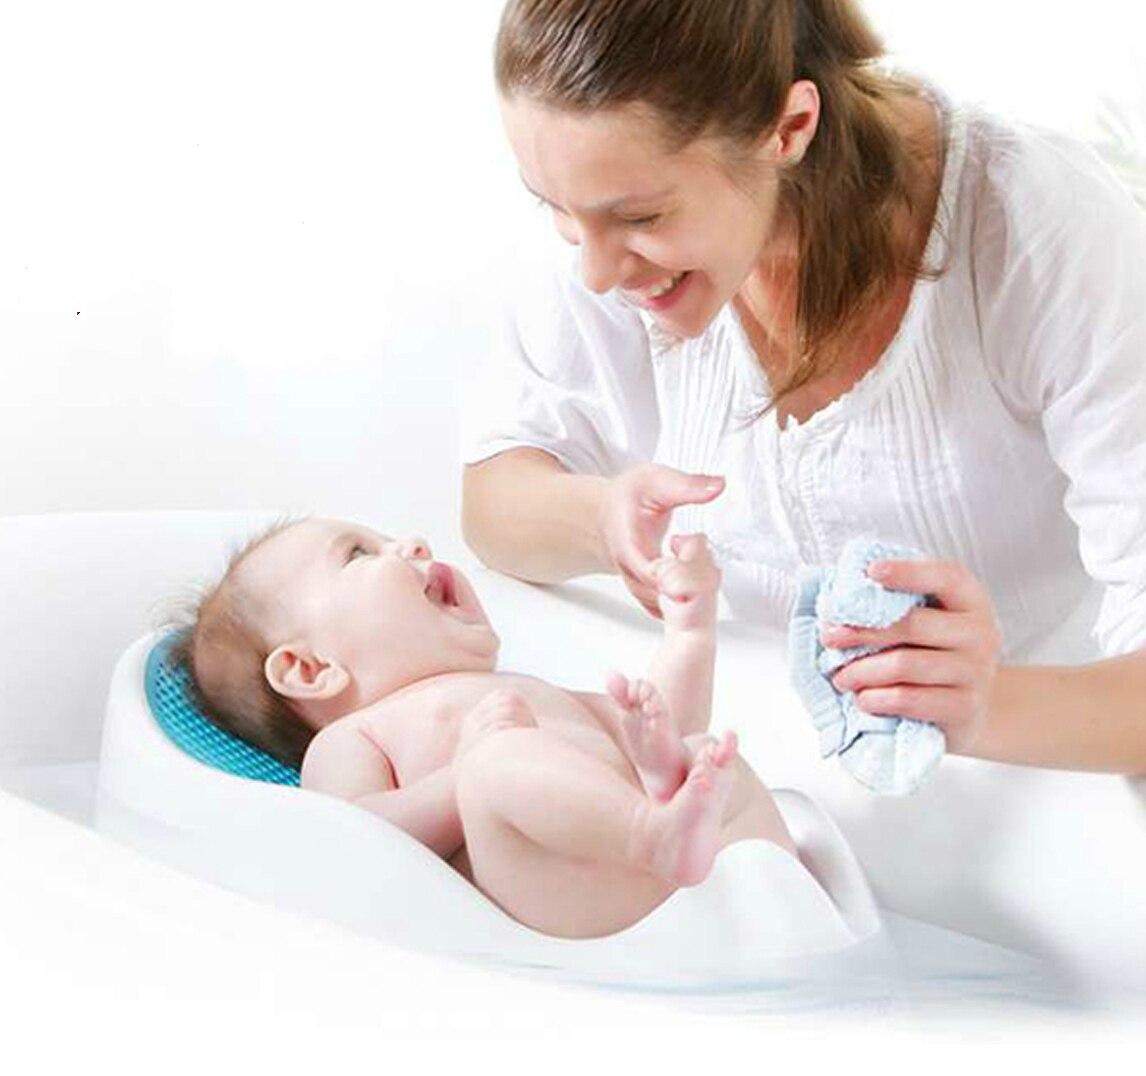 Vasca Da Bagno Neonato.Us 121 27 Il Neonato Morbido Baby Shower Bagno Confortevole Maglia Aeromobili Da Letto Bagno Vasca Da Bagno Bambino Doccia Vasca Da Bagno In